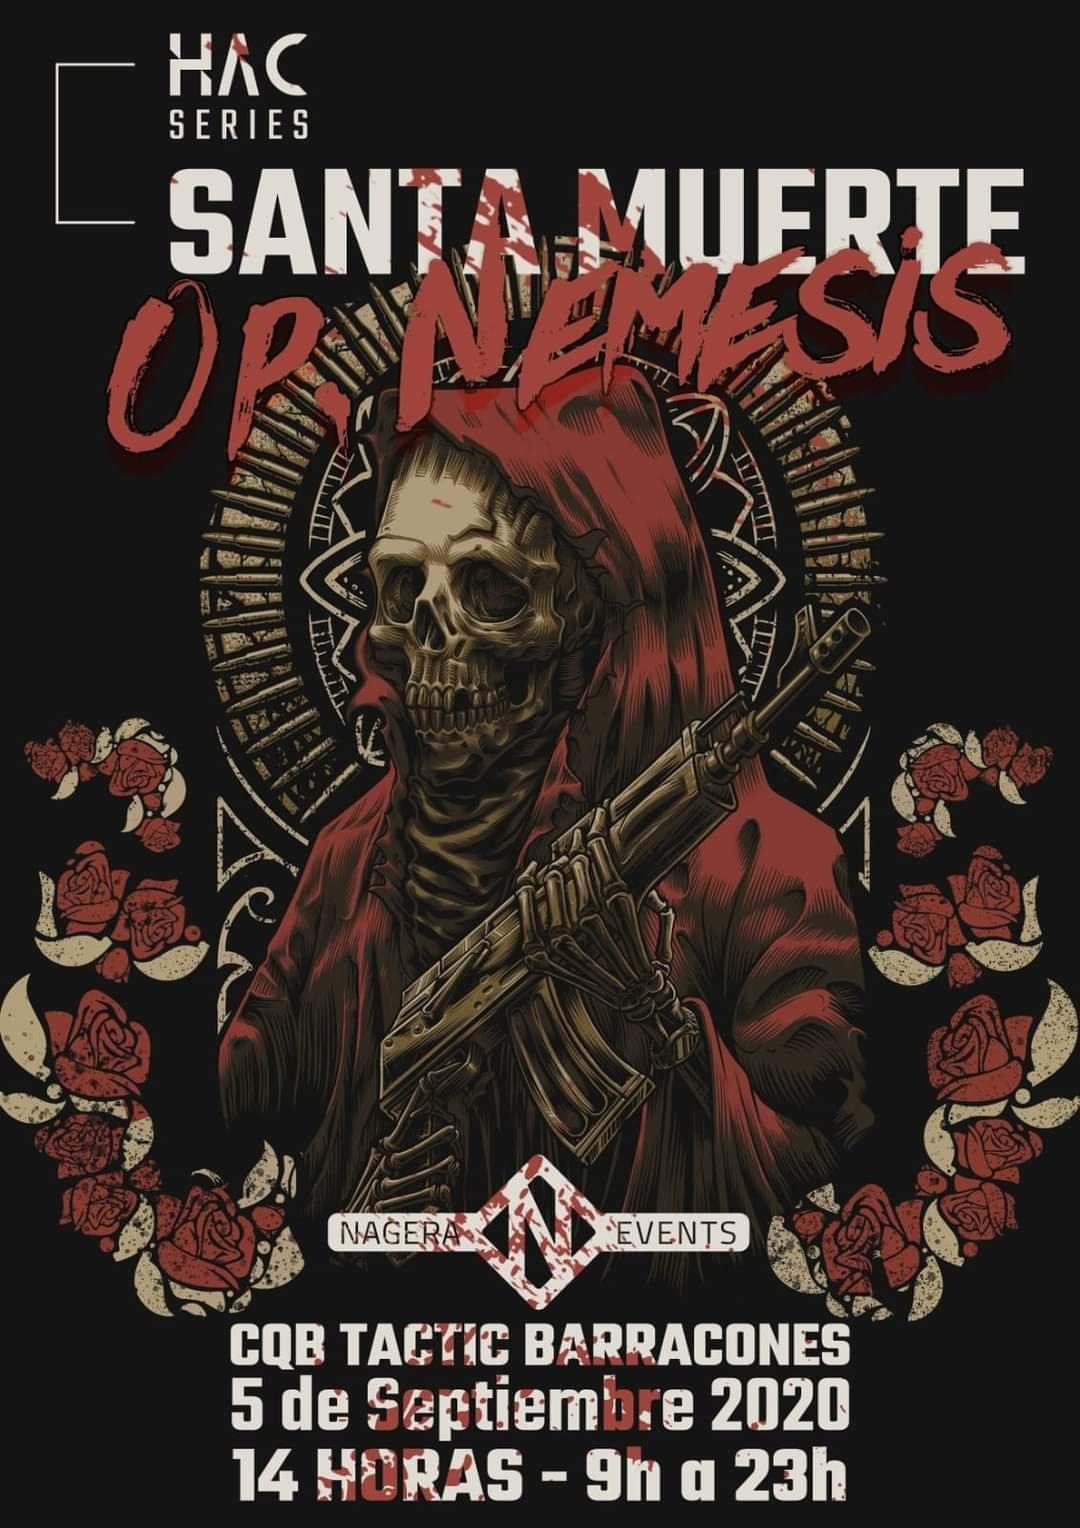 Santa Muerte: Op. NEMESIS de HAC Series Eventos